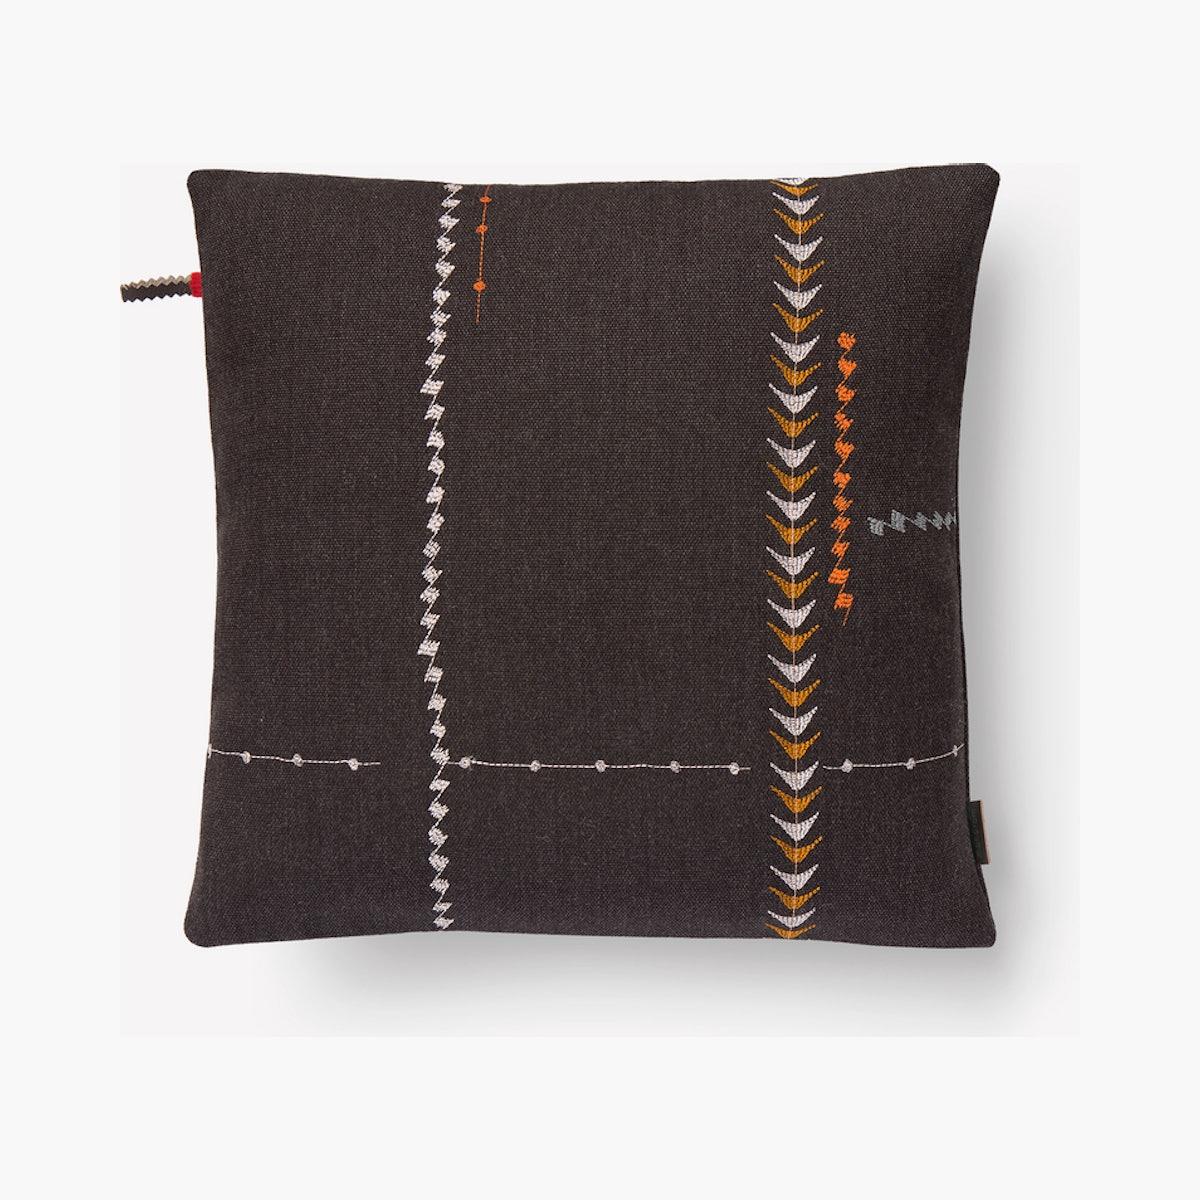 Maharam Pillow - Borders